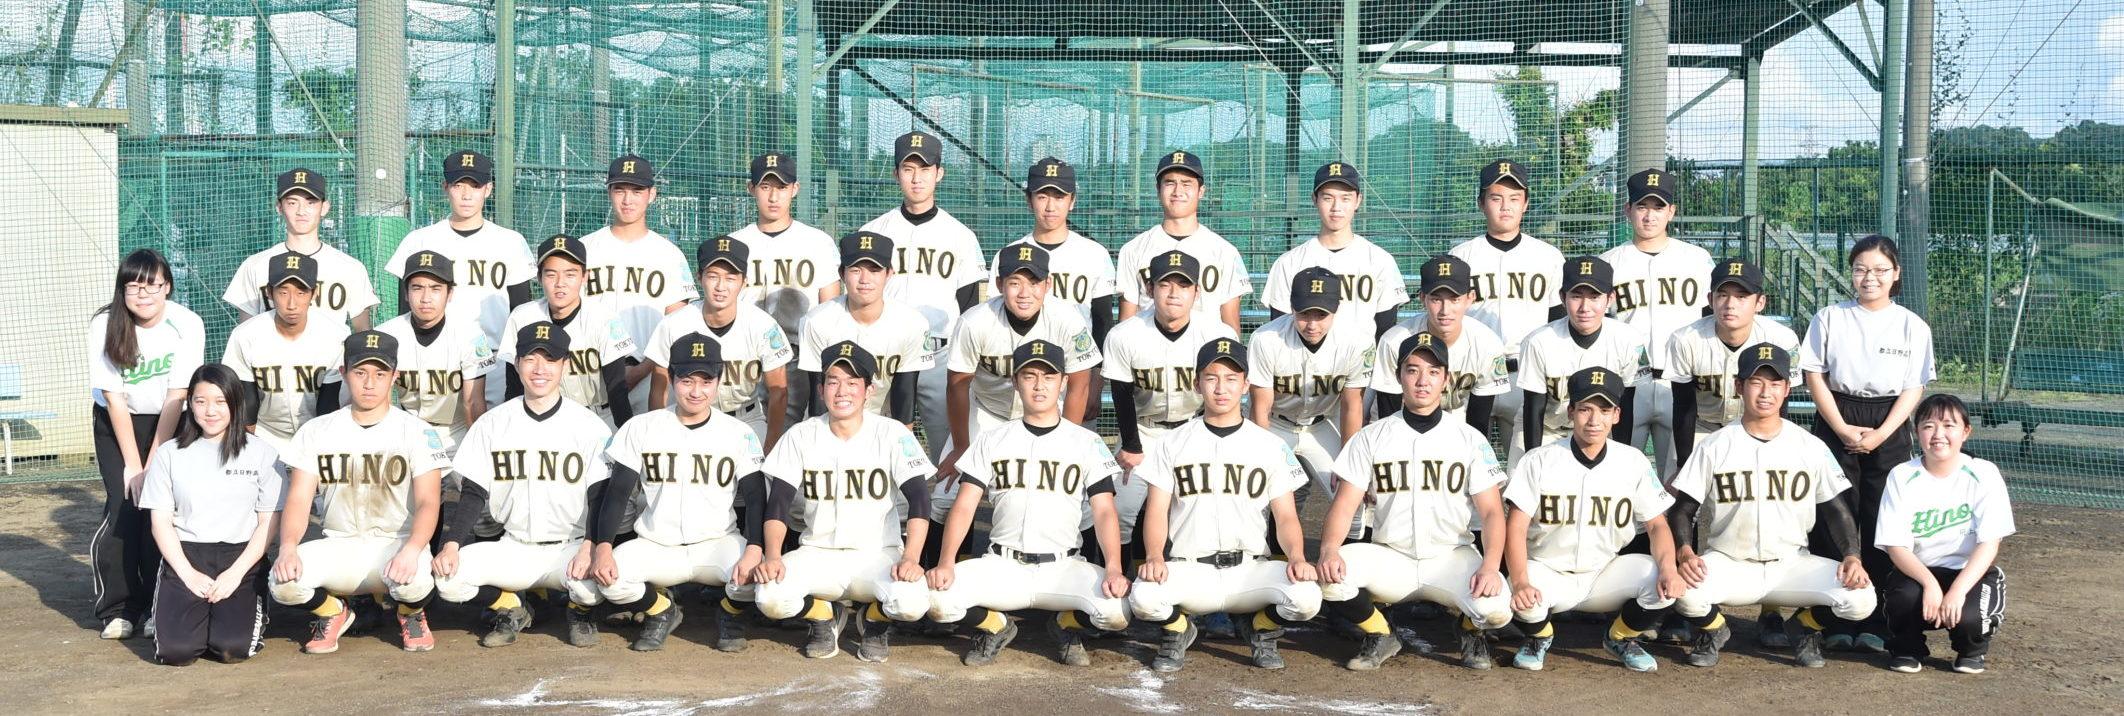 【日野 野球部】「甲子園は、僕たちのグラウンドにある」